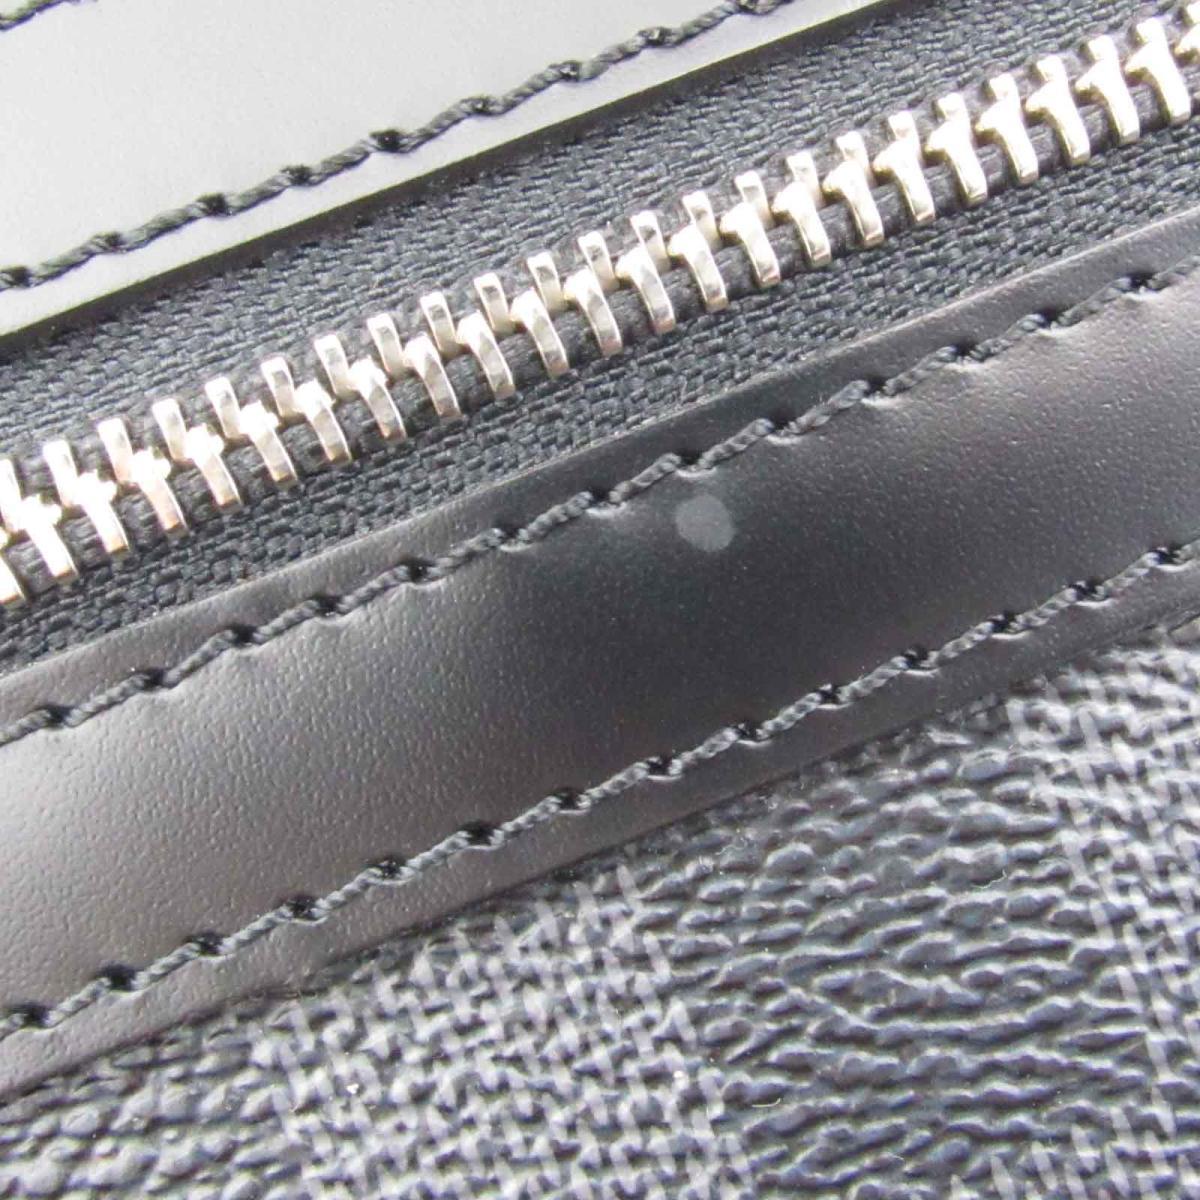 ルイヴィトン ミックMM ショルダーバッグ メンズ ダミエ・グラフィットダミエ・グラフィットN40004LOUIS VUITTON BRANDOFF ブランドオフ ヴィトン ルイ・ヴィトン レディース ブランド ブランドバッグ バッグ ショルダーj34AR5L